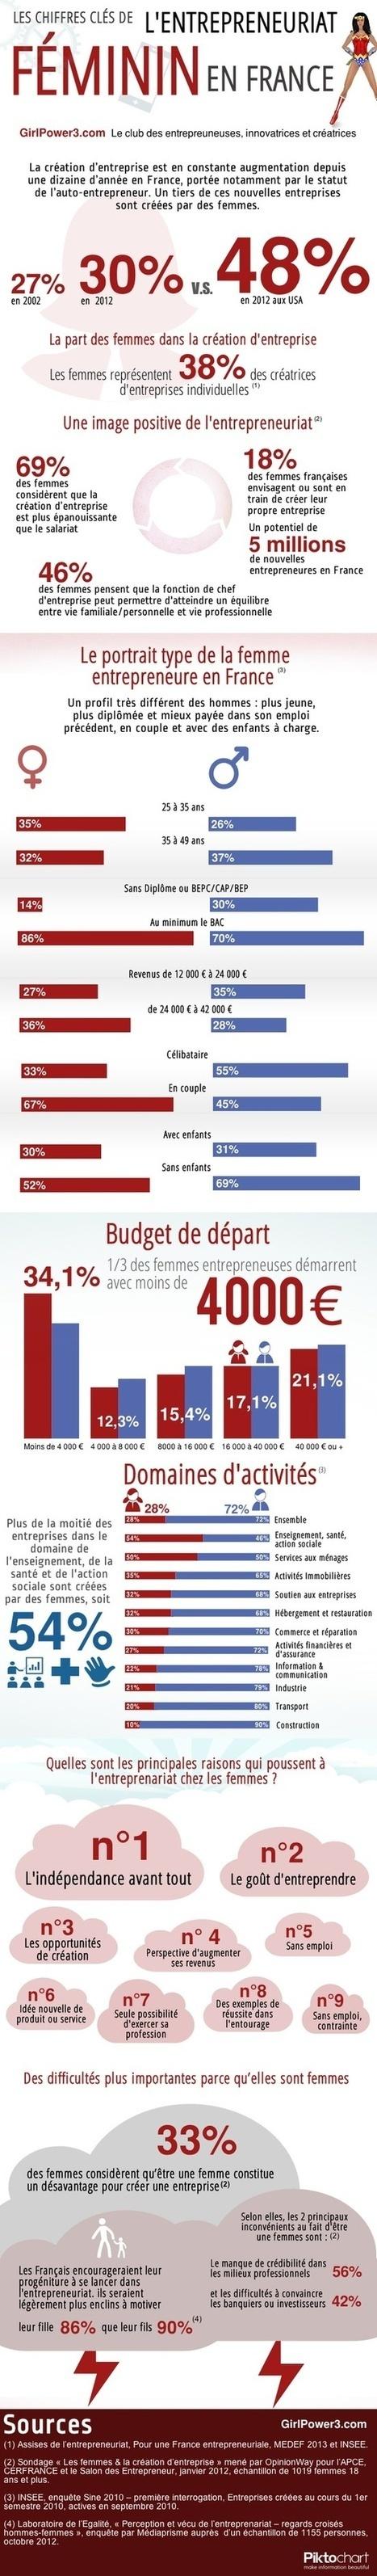 [Infographie] L'entrepreneuriat féminin en France | Entrepreneuriat féminin | Scoop.it